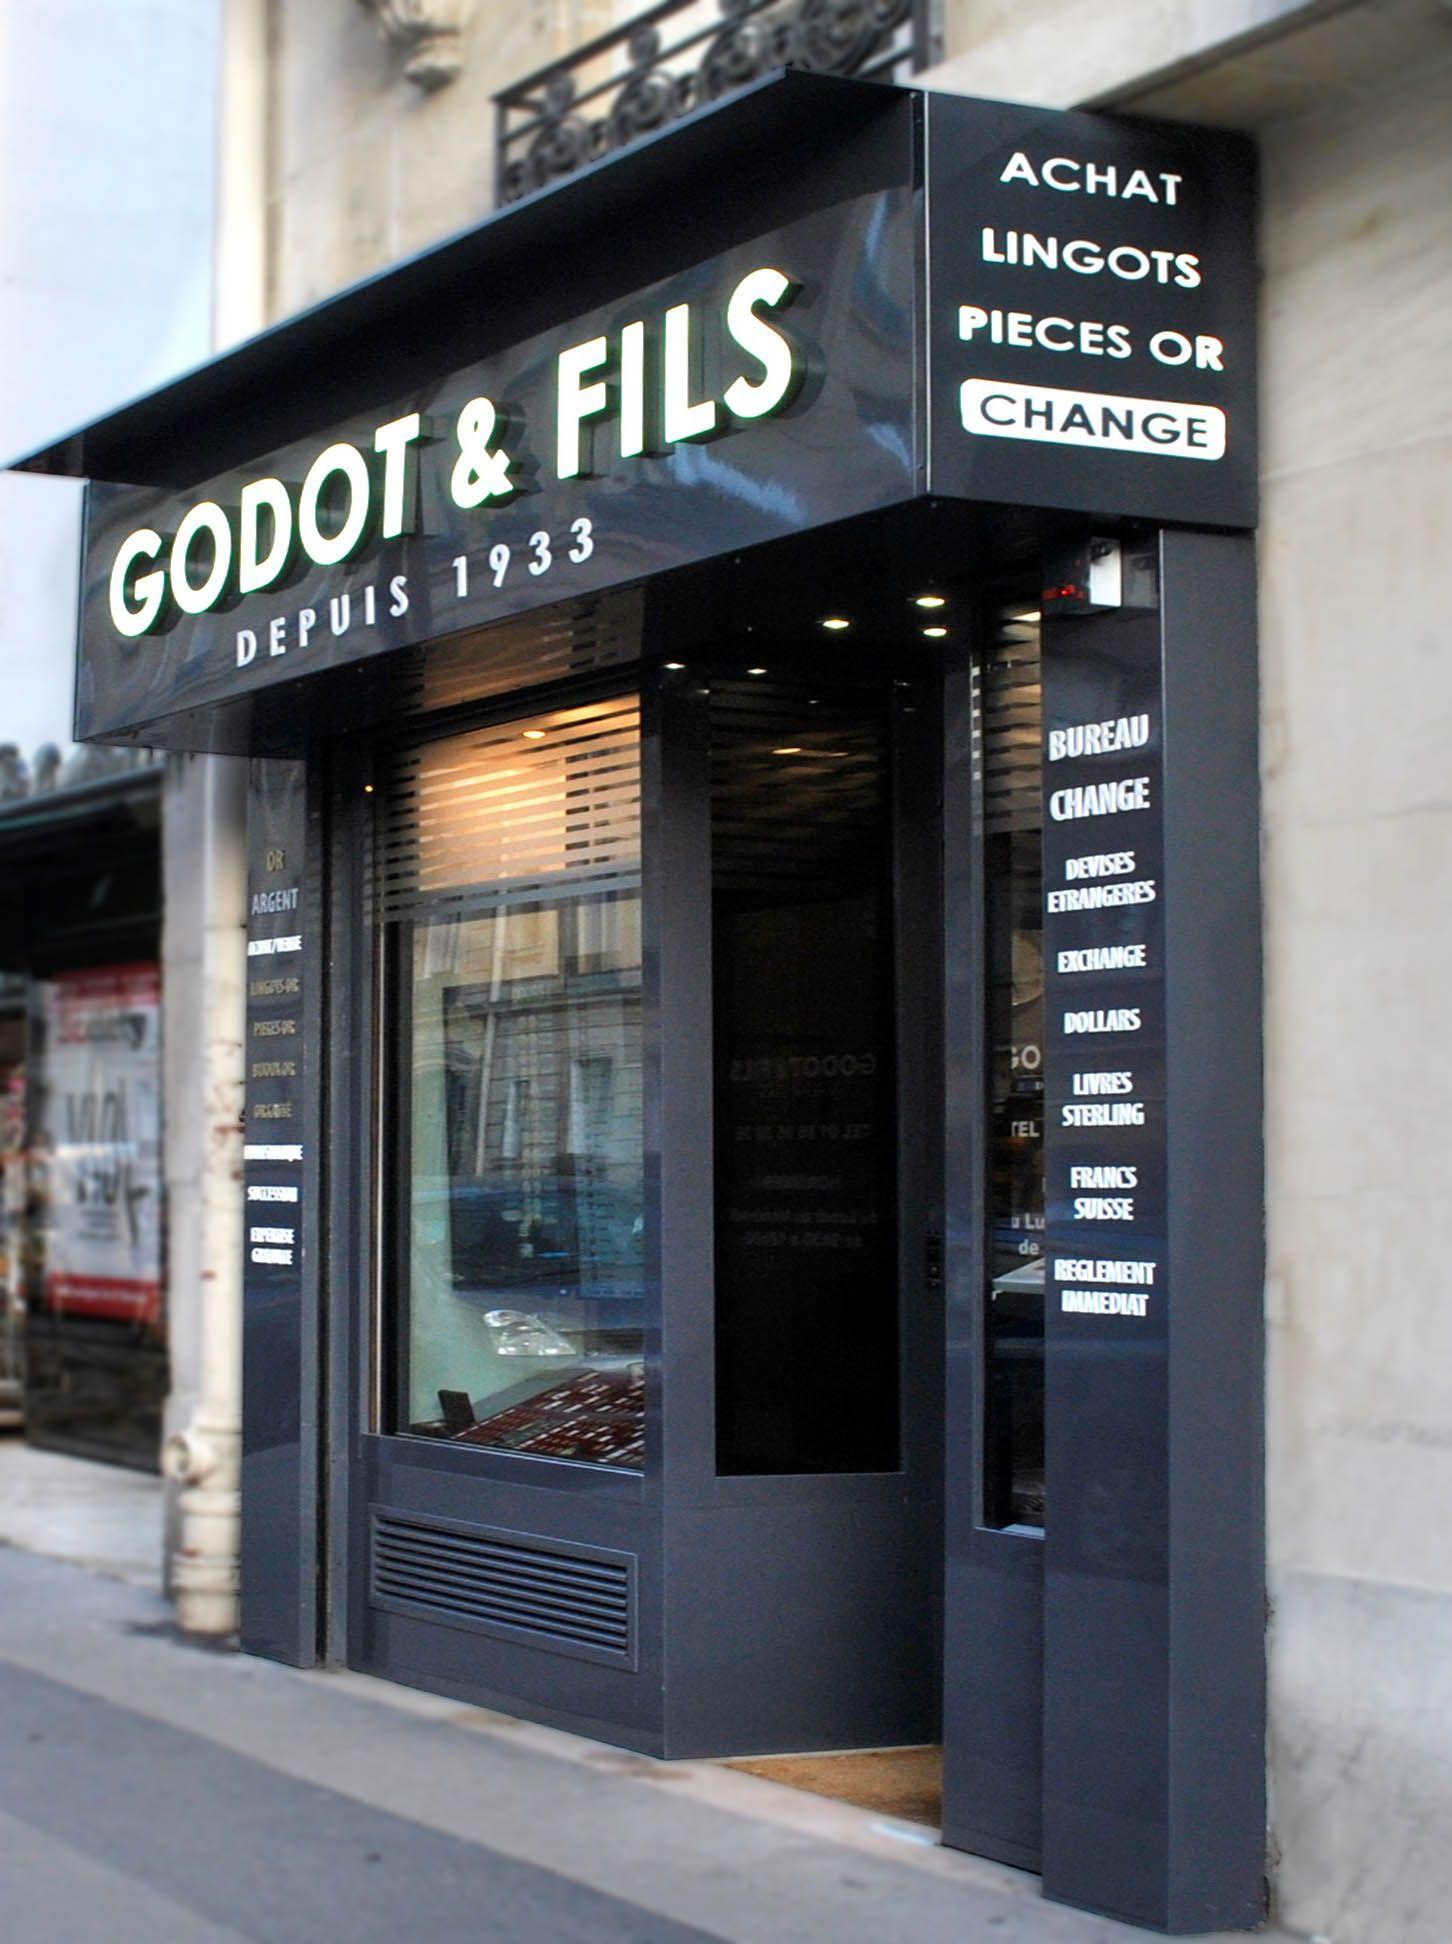 godot-et-fils-neuilly-sur-seine-facade